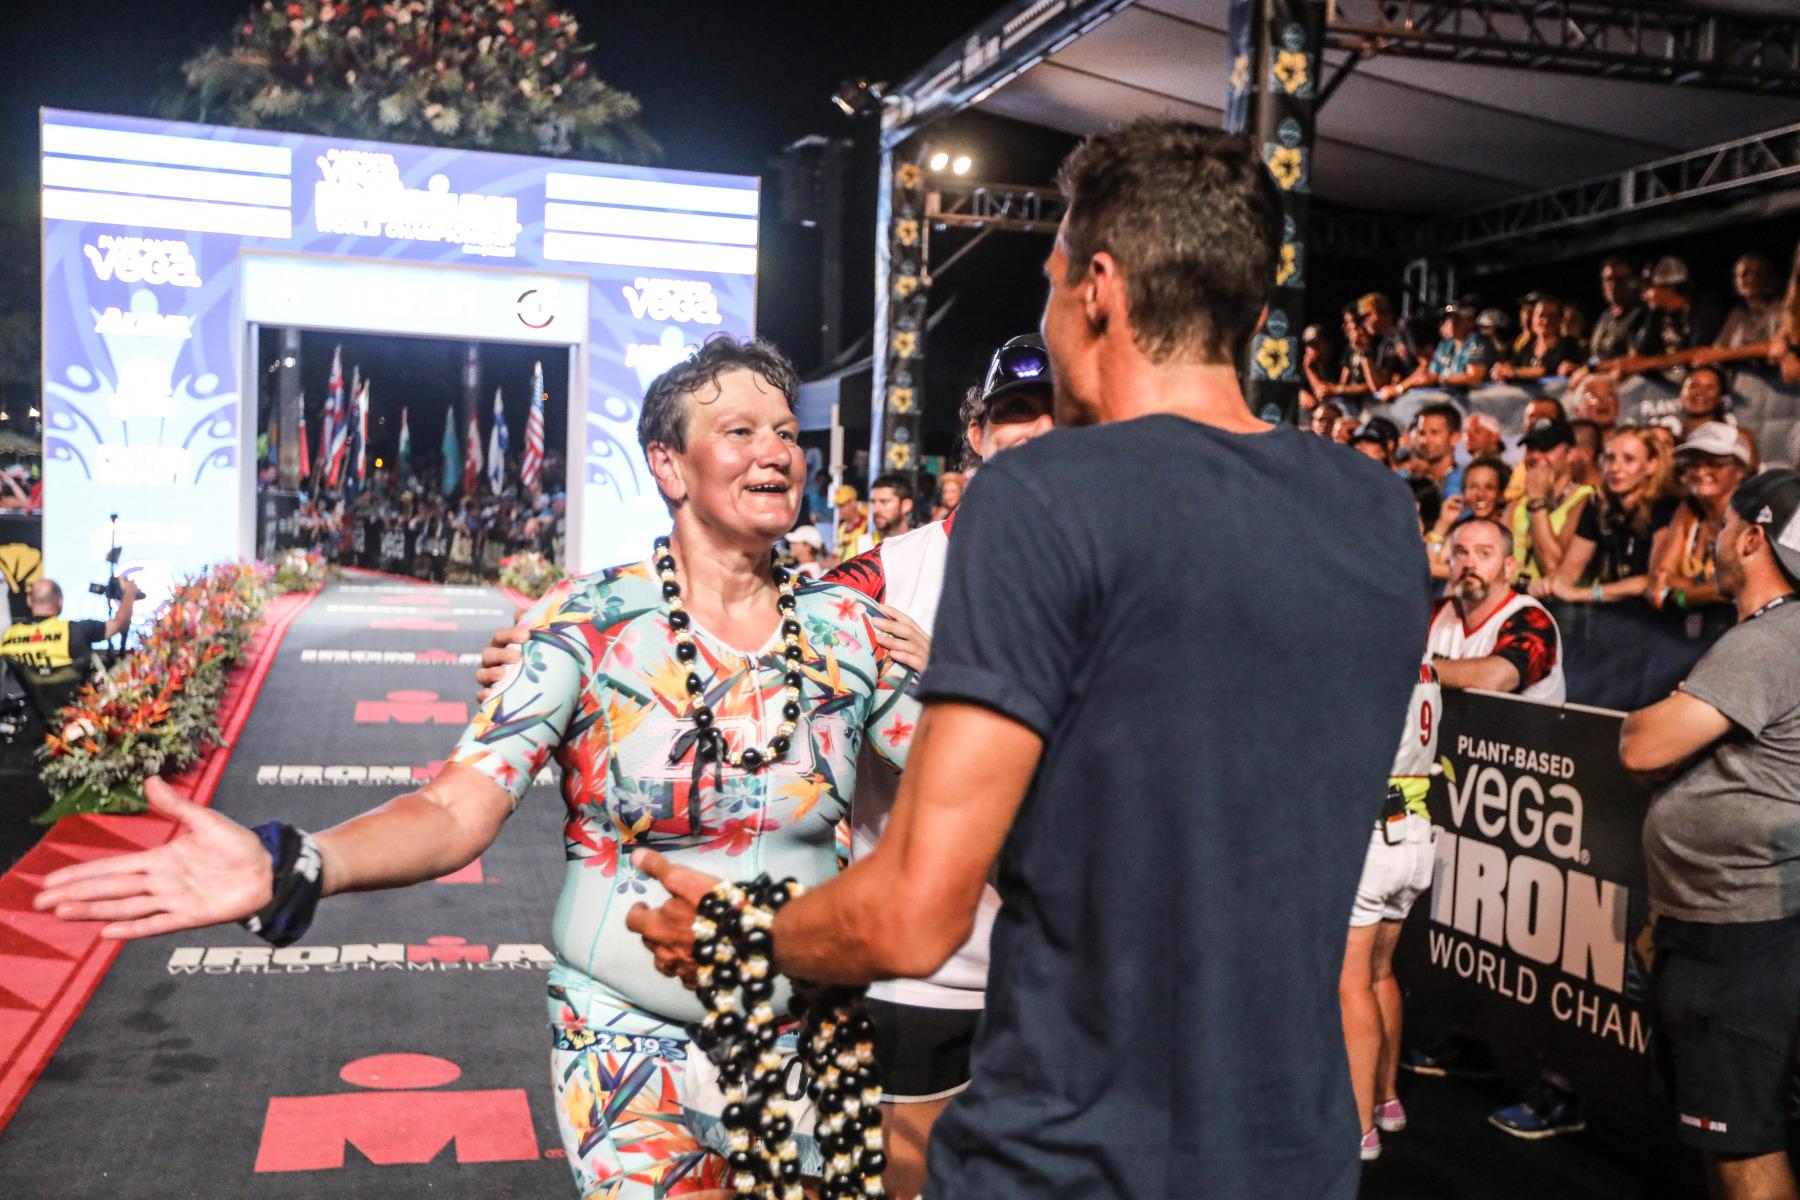 Auch das ist Ironman: Weltmeister Jan Frodeno gratuliert einer Agegrouperin zum Finish.